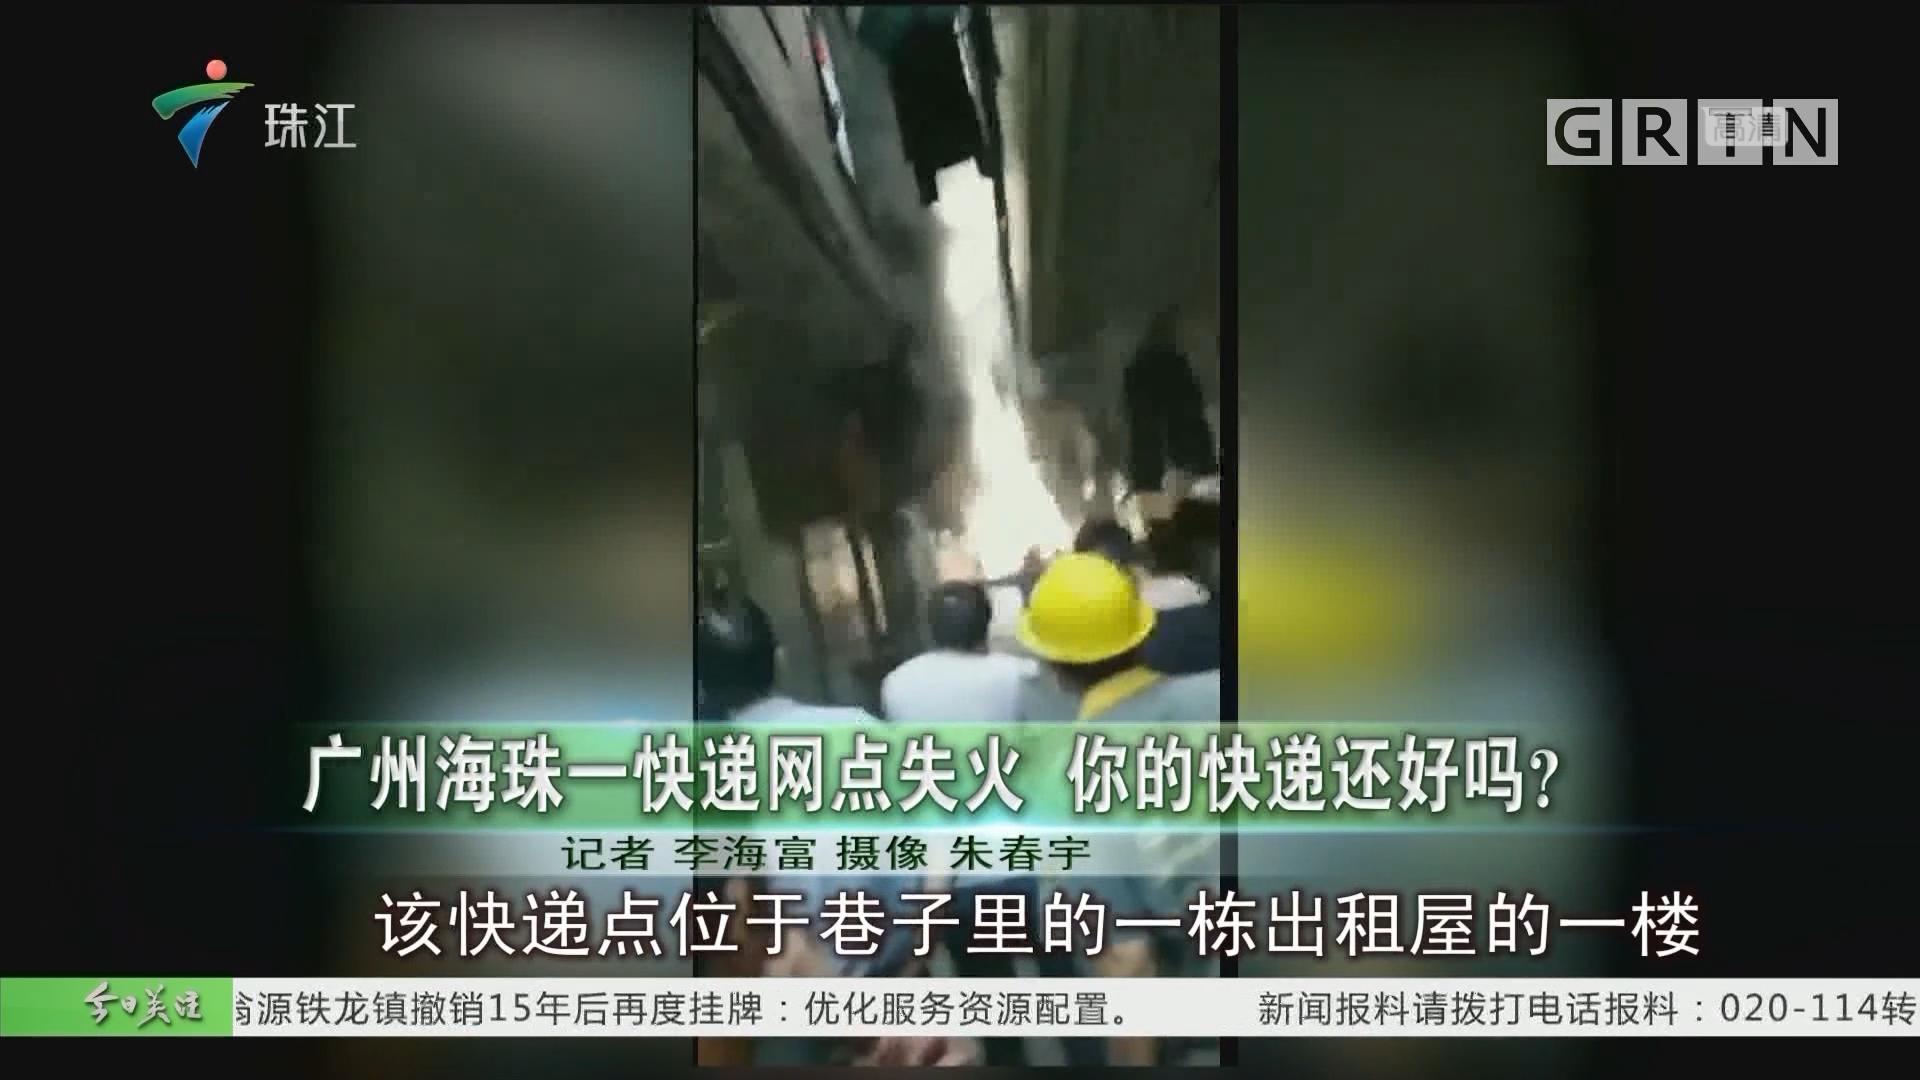 广州海珠一快递网点失火 你的快递还好吗?